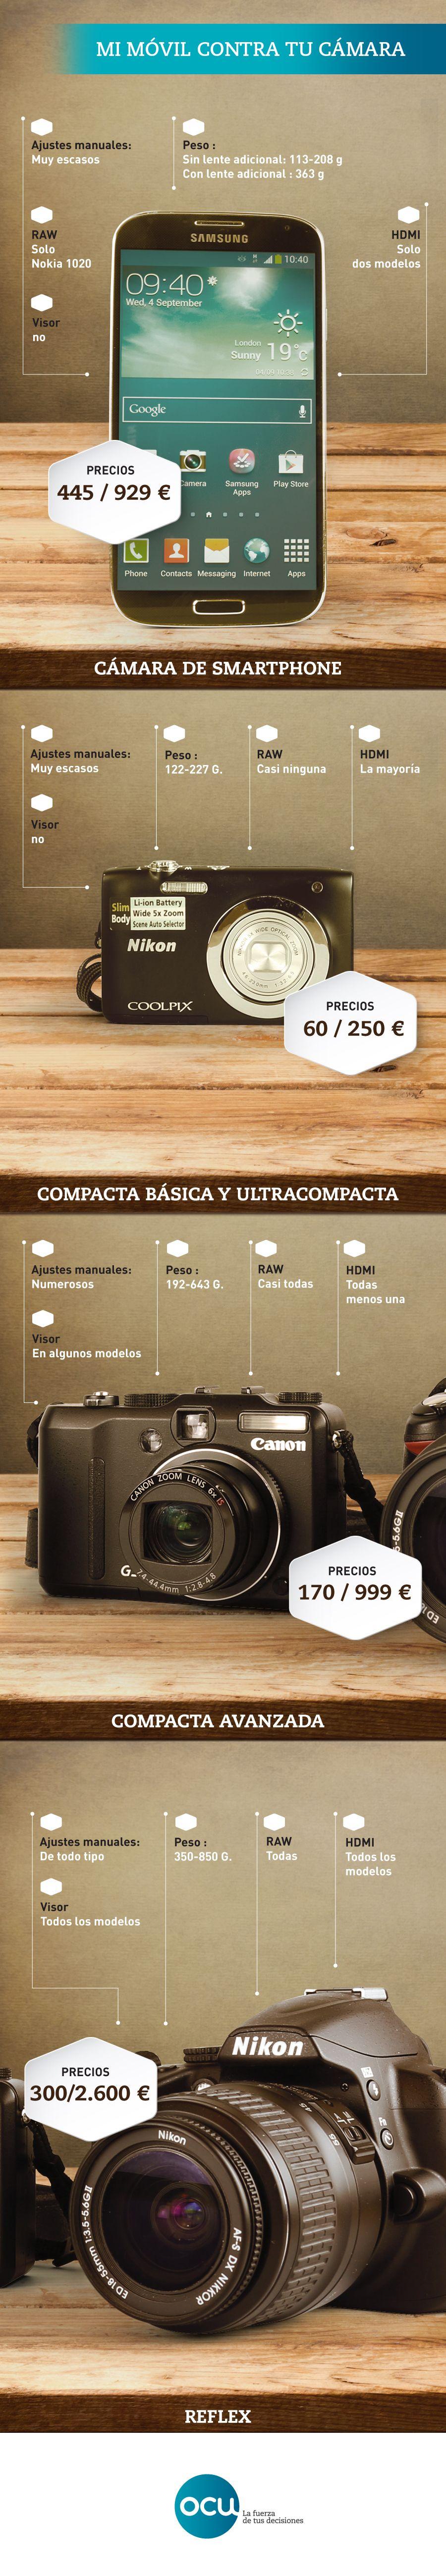 Pin De Ocu En Cachivaches Y Tecnofilia Camara De Fotos Camaras Digitales Cámaras